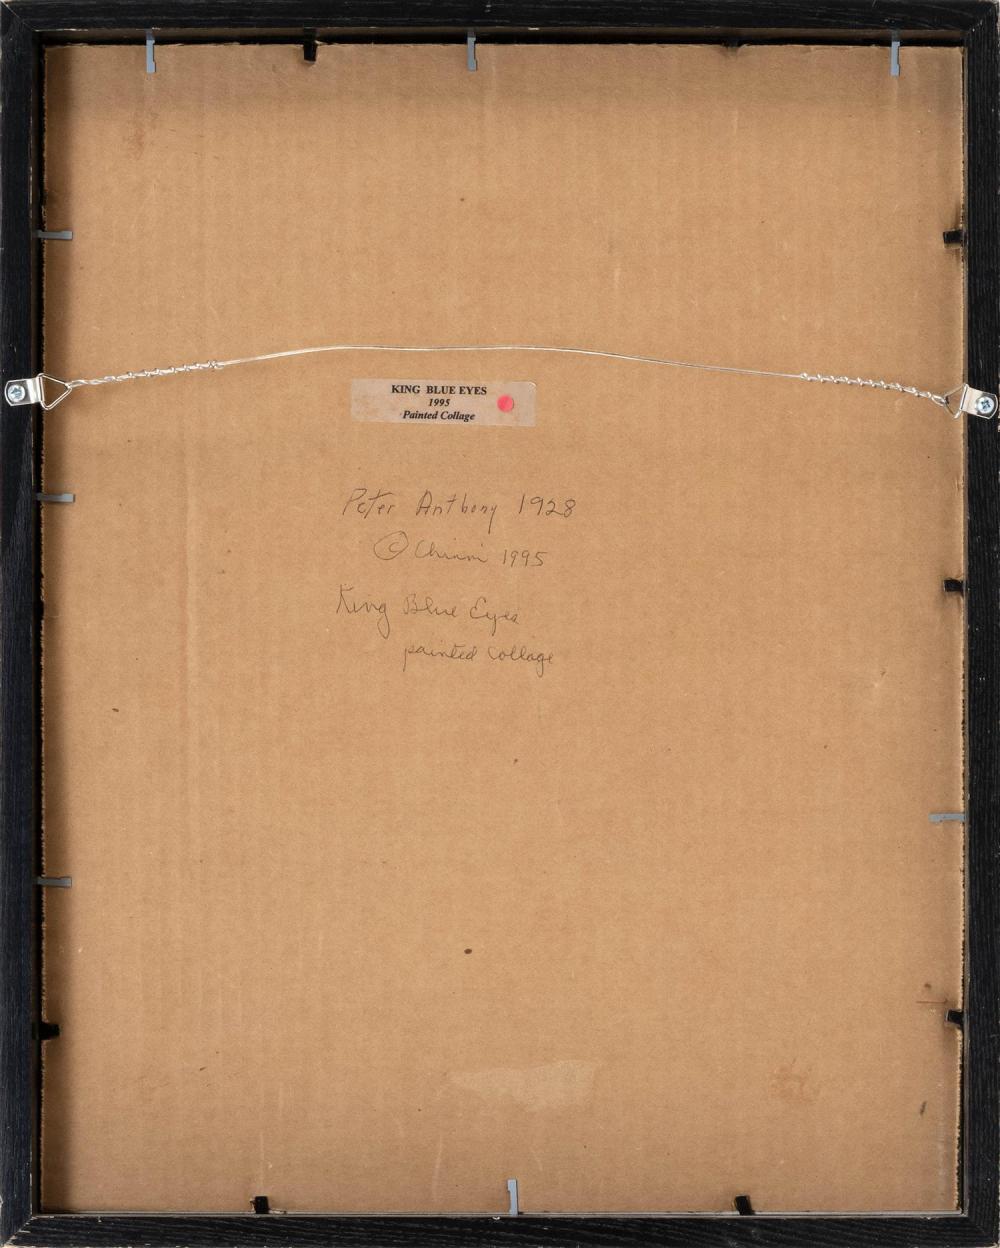 PETER ANTHONY CHINNI, New York, b. 1928,